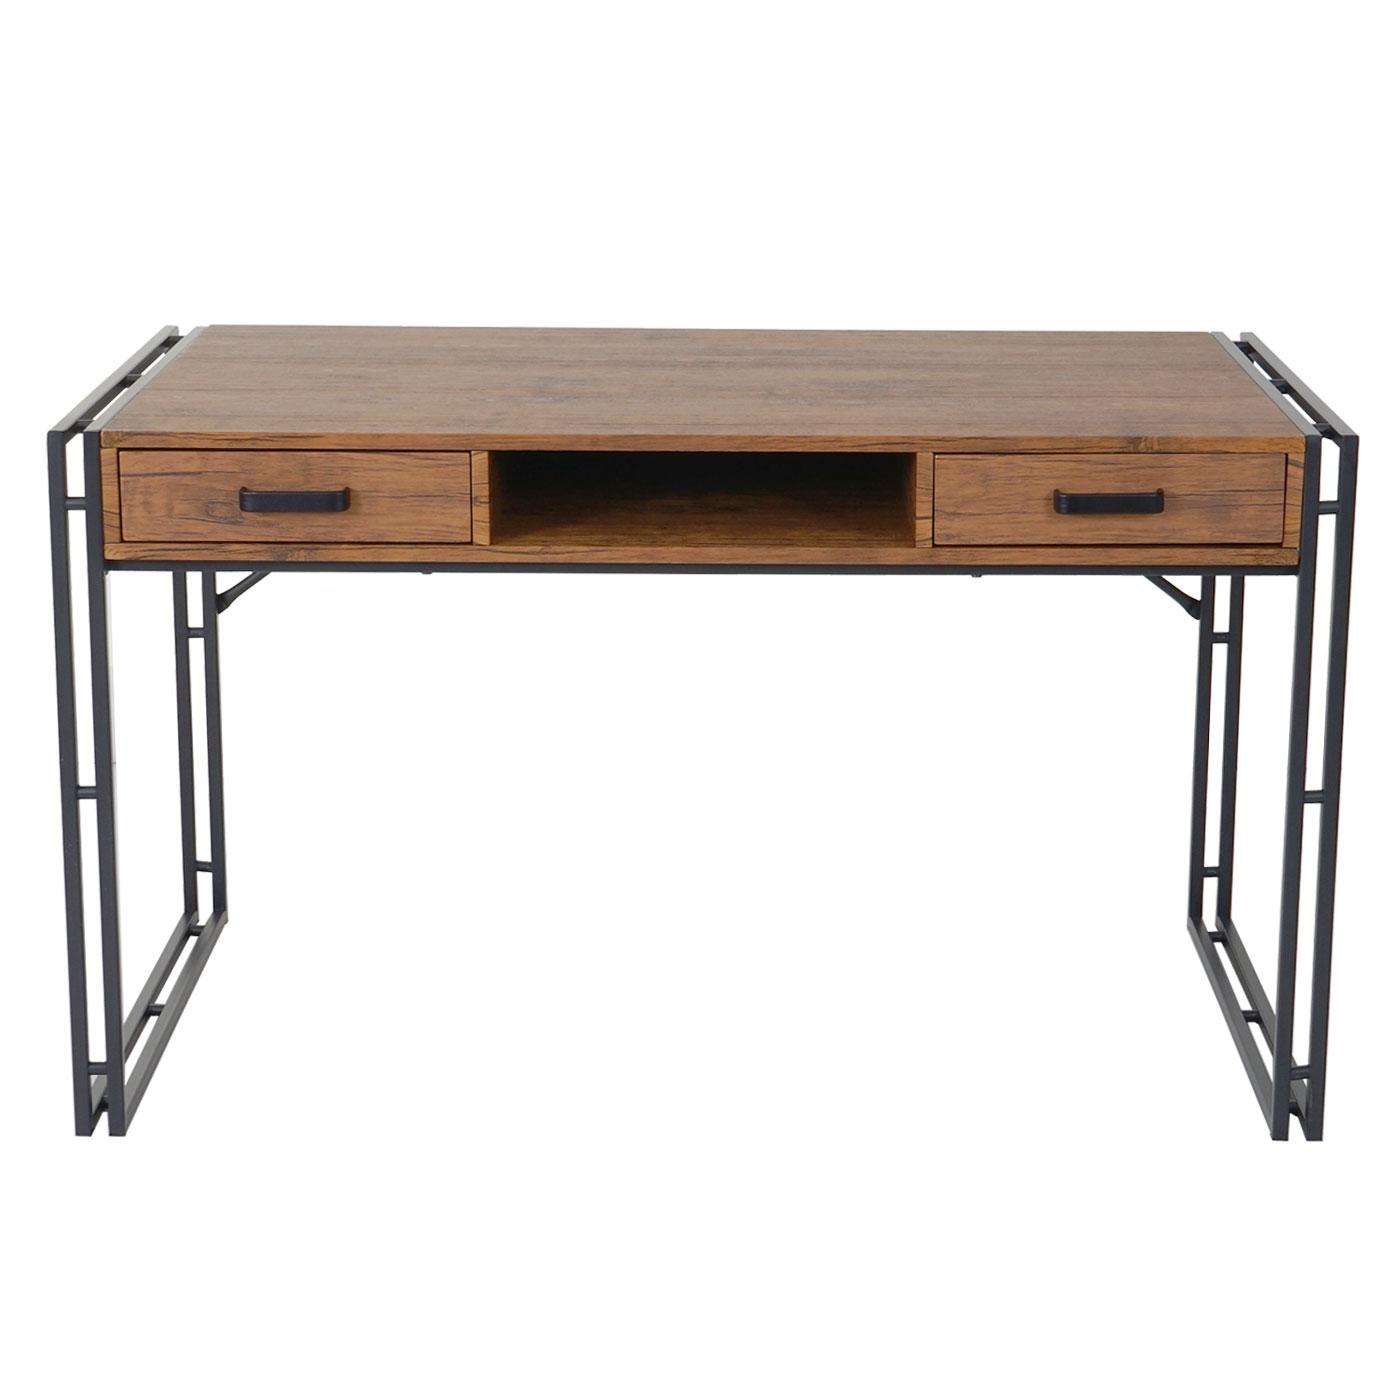 schreibtisch dohna b rotisch 120x70cm 3d struktur wildeiche ebay. Black Bedroom Furniture Sets. Home Design Ideas